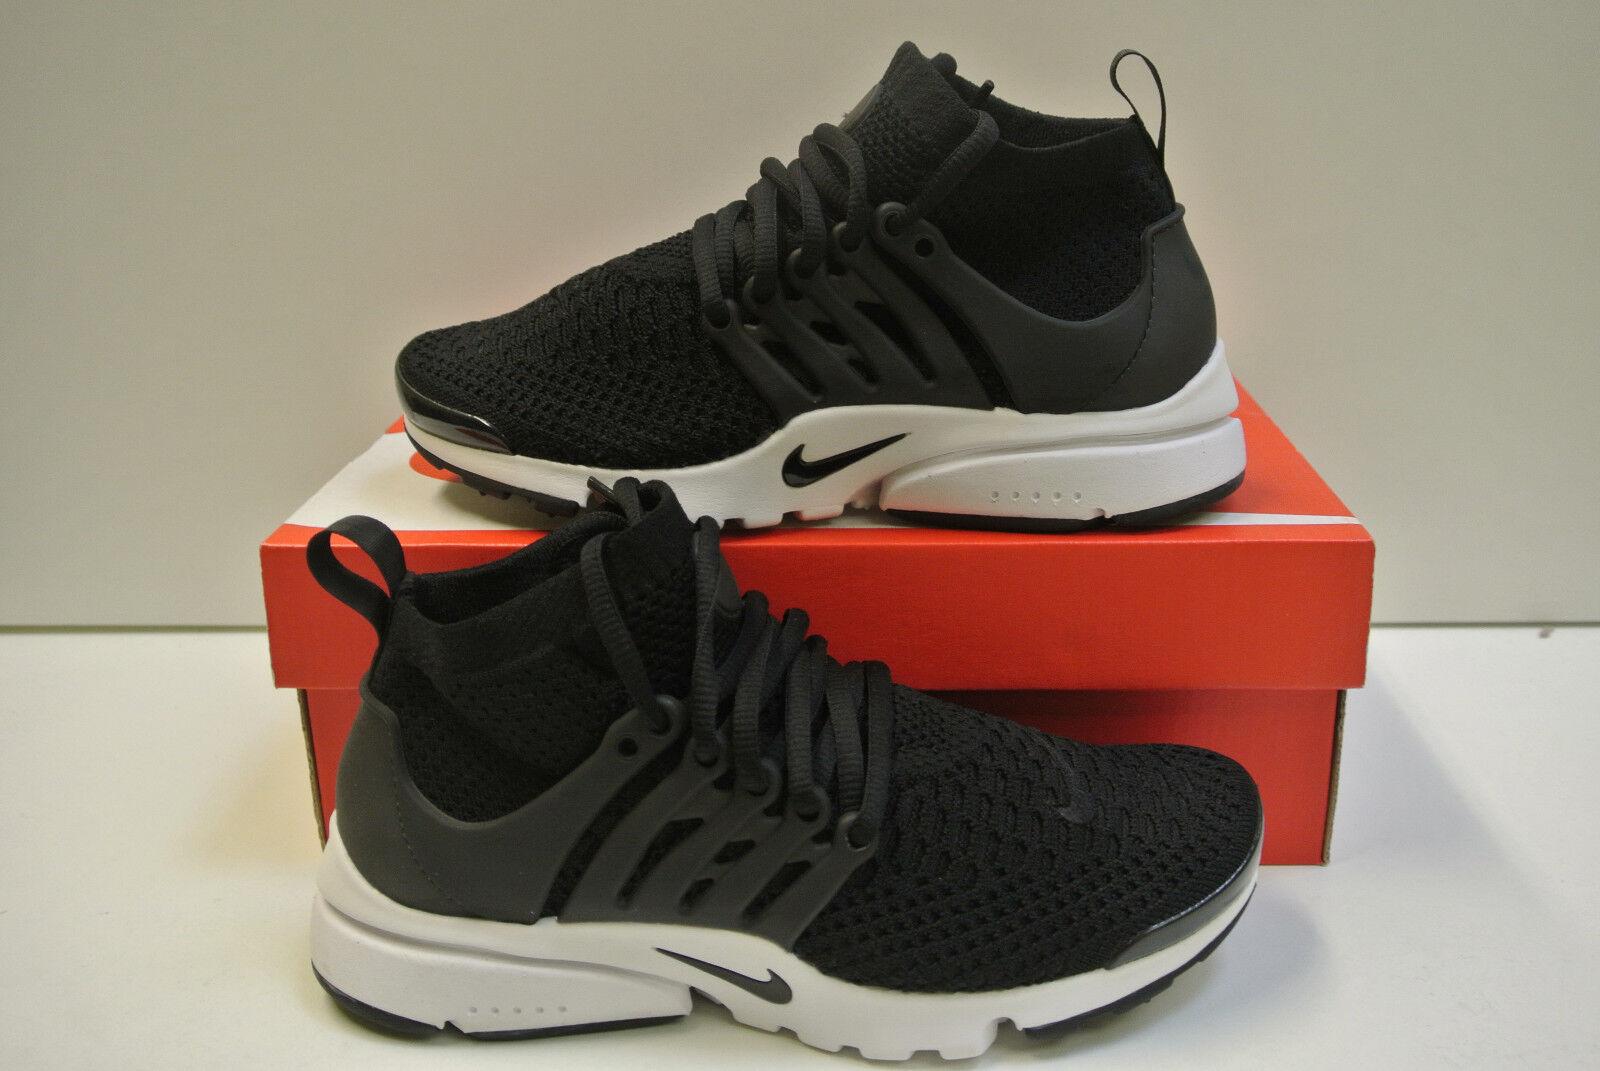 Recortes de precios estacionales, beneficios de descuento Wmns Nike Air presto flaynit ultra talla elegibles nuevo & OVP 835738 001